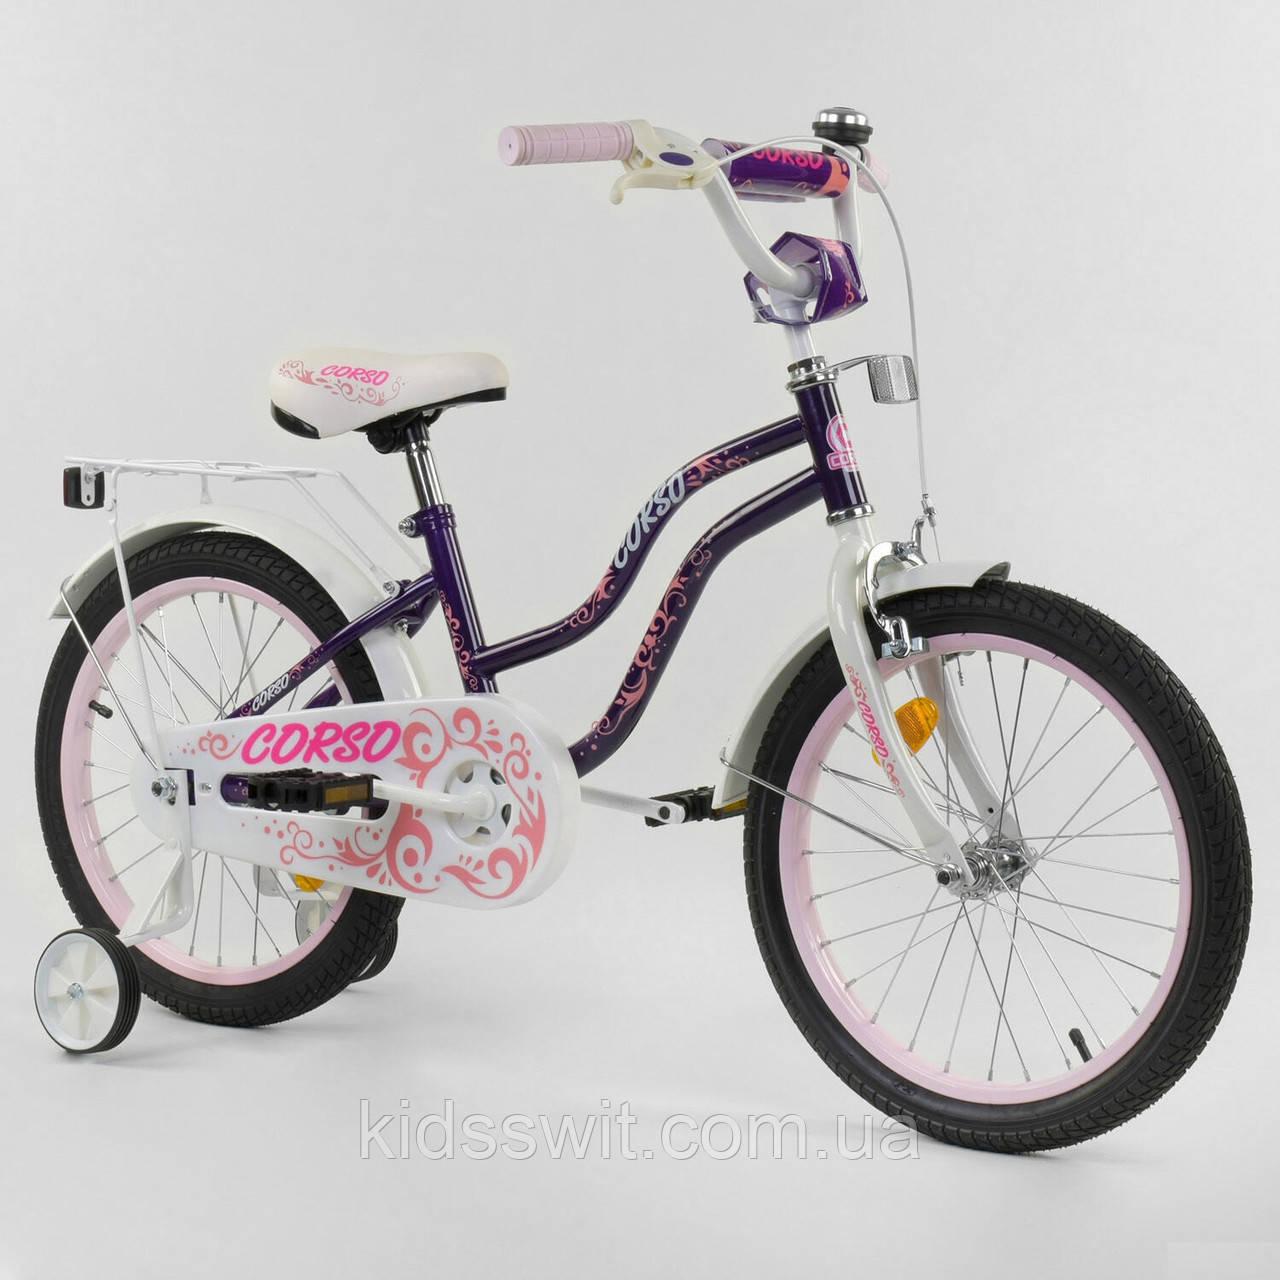 """Велосипед 18"""" дюймов 2-х колёсный """"CORSO"""" фиолетовый, ручной тормоз, звоночек, доп. колеса Т-85234"""